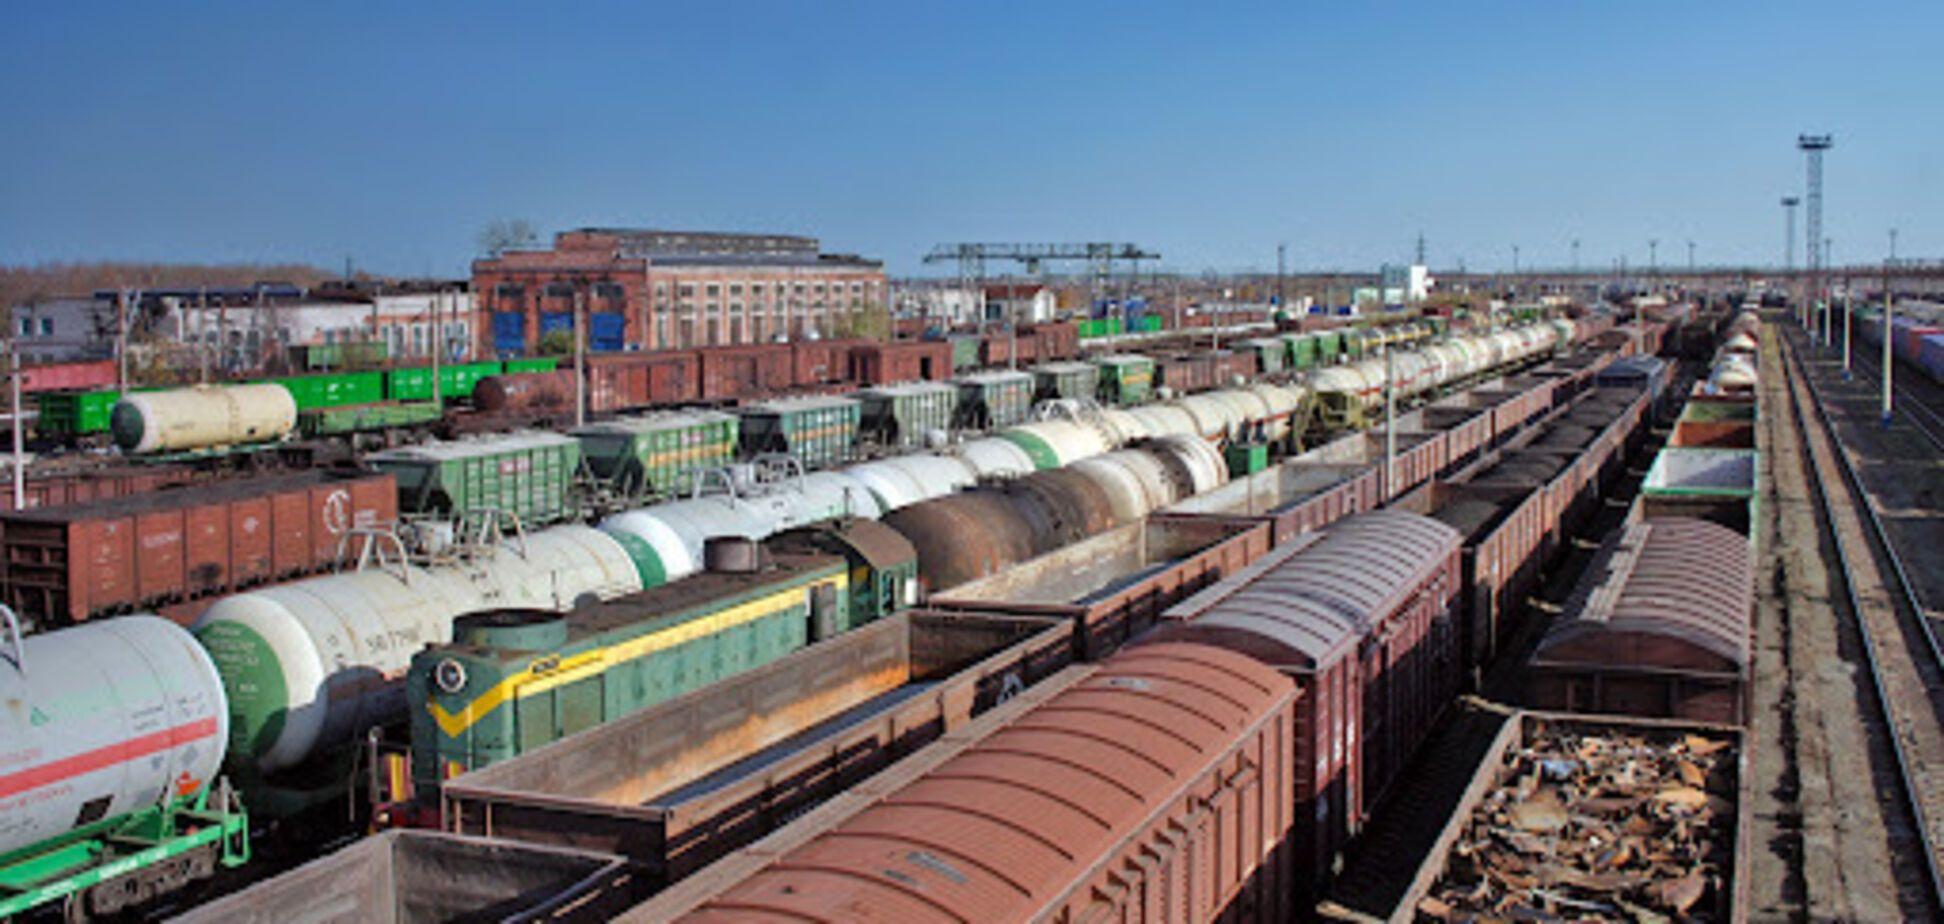 ФРТУ – Шмыгалю: списание вагонов УЗ по возрасту приведет к катастрофе на рынке перевозок